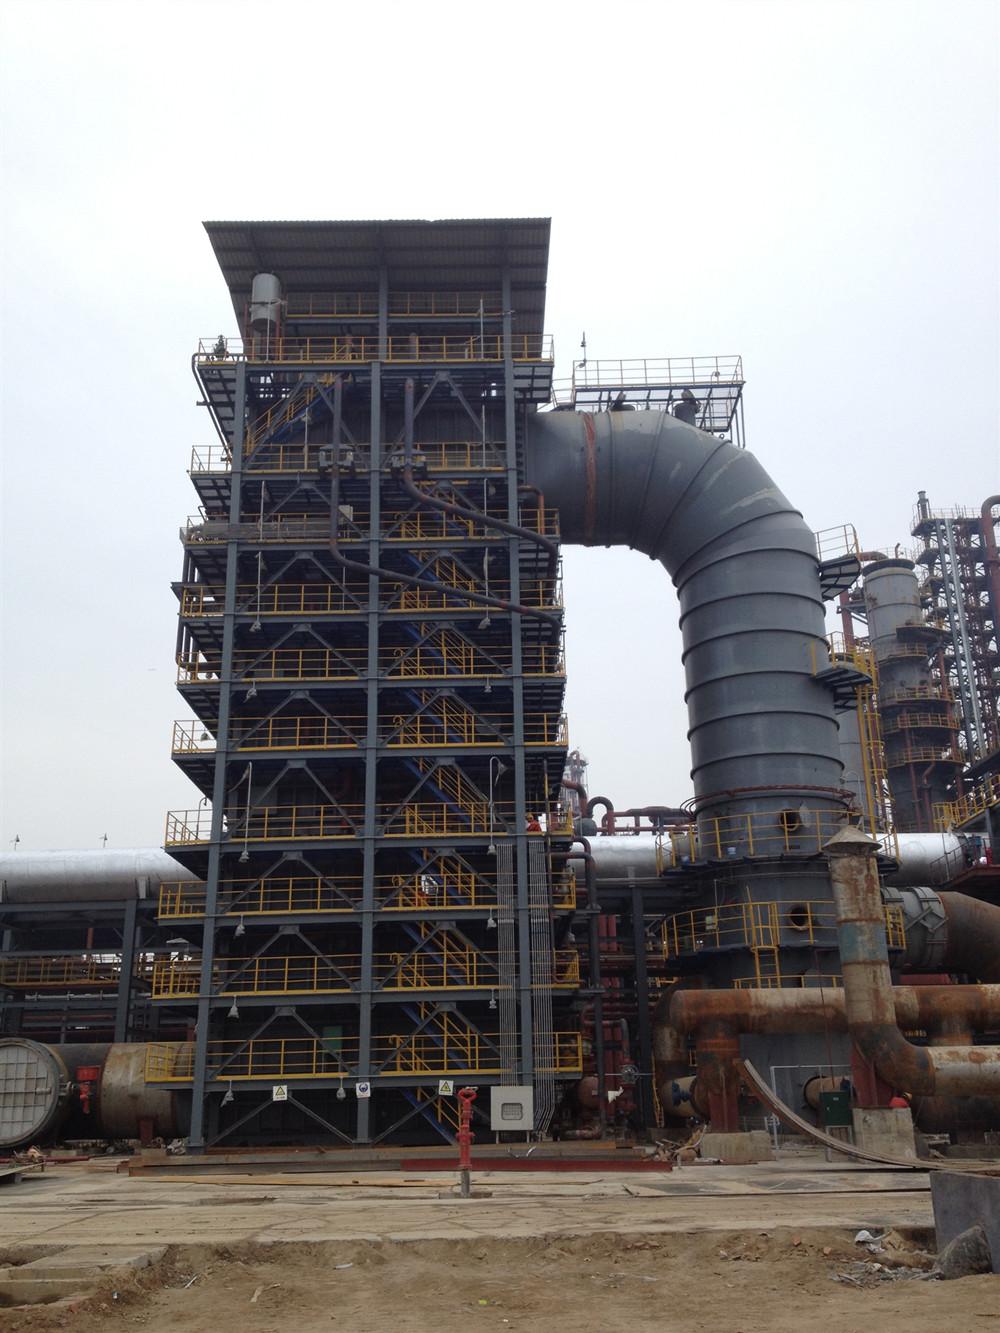 132164东营利源环保科技有限公司180万吨/年DCC联合装置及配套工程余热锅炉、CO焚烧炉整体照片3